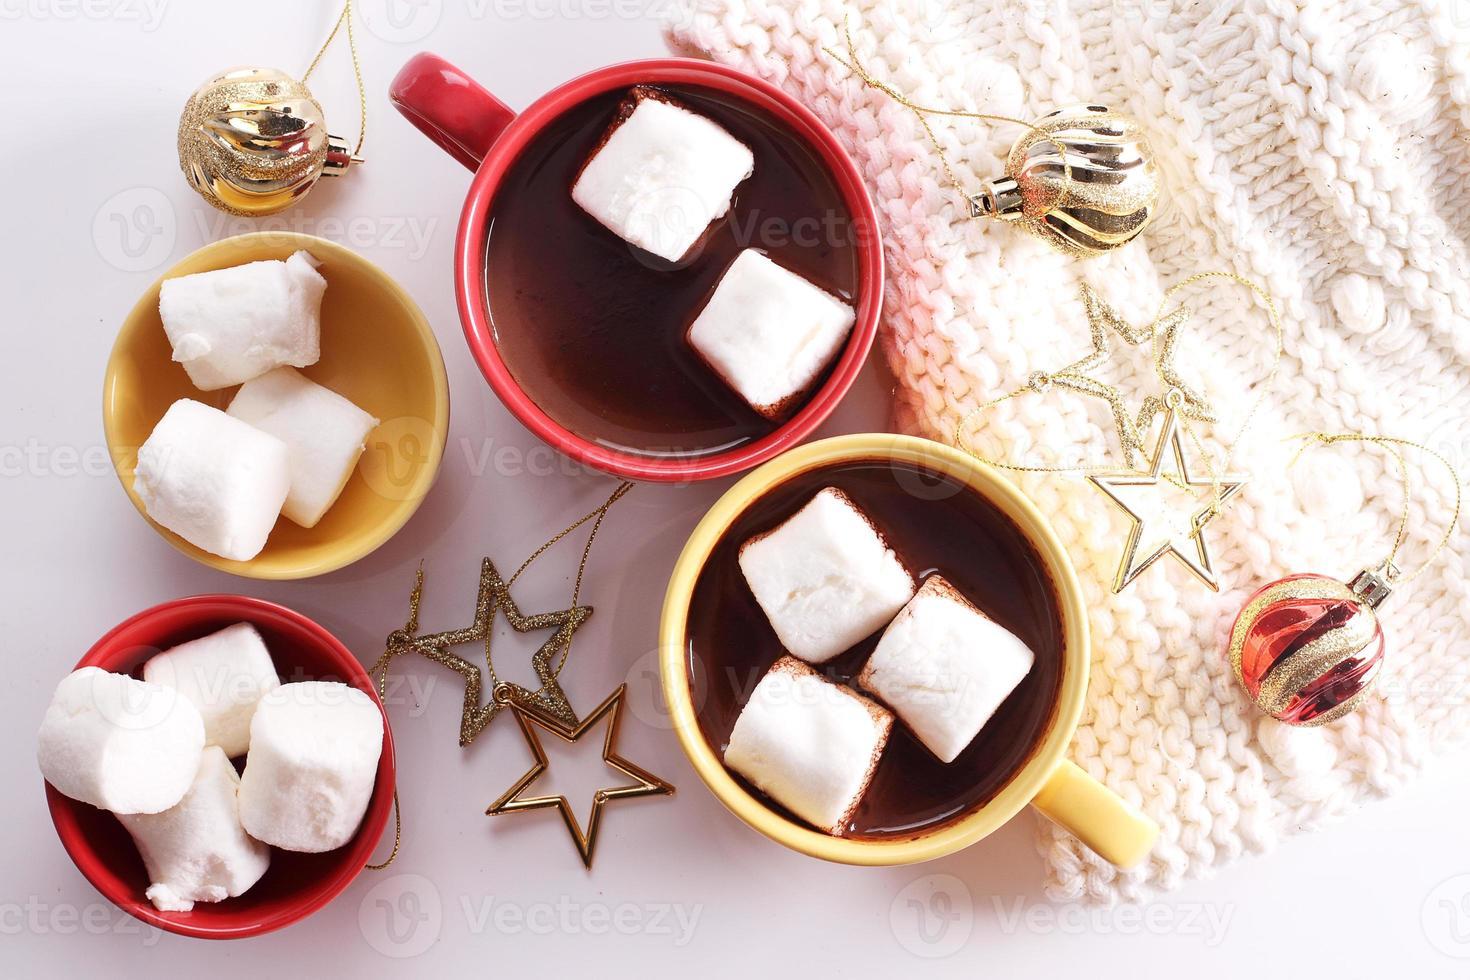 boisson au chocolat chaud avec des décorations de fête photo